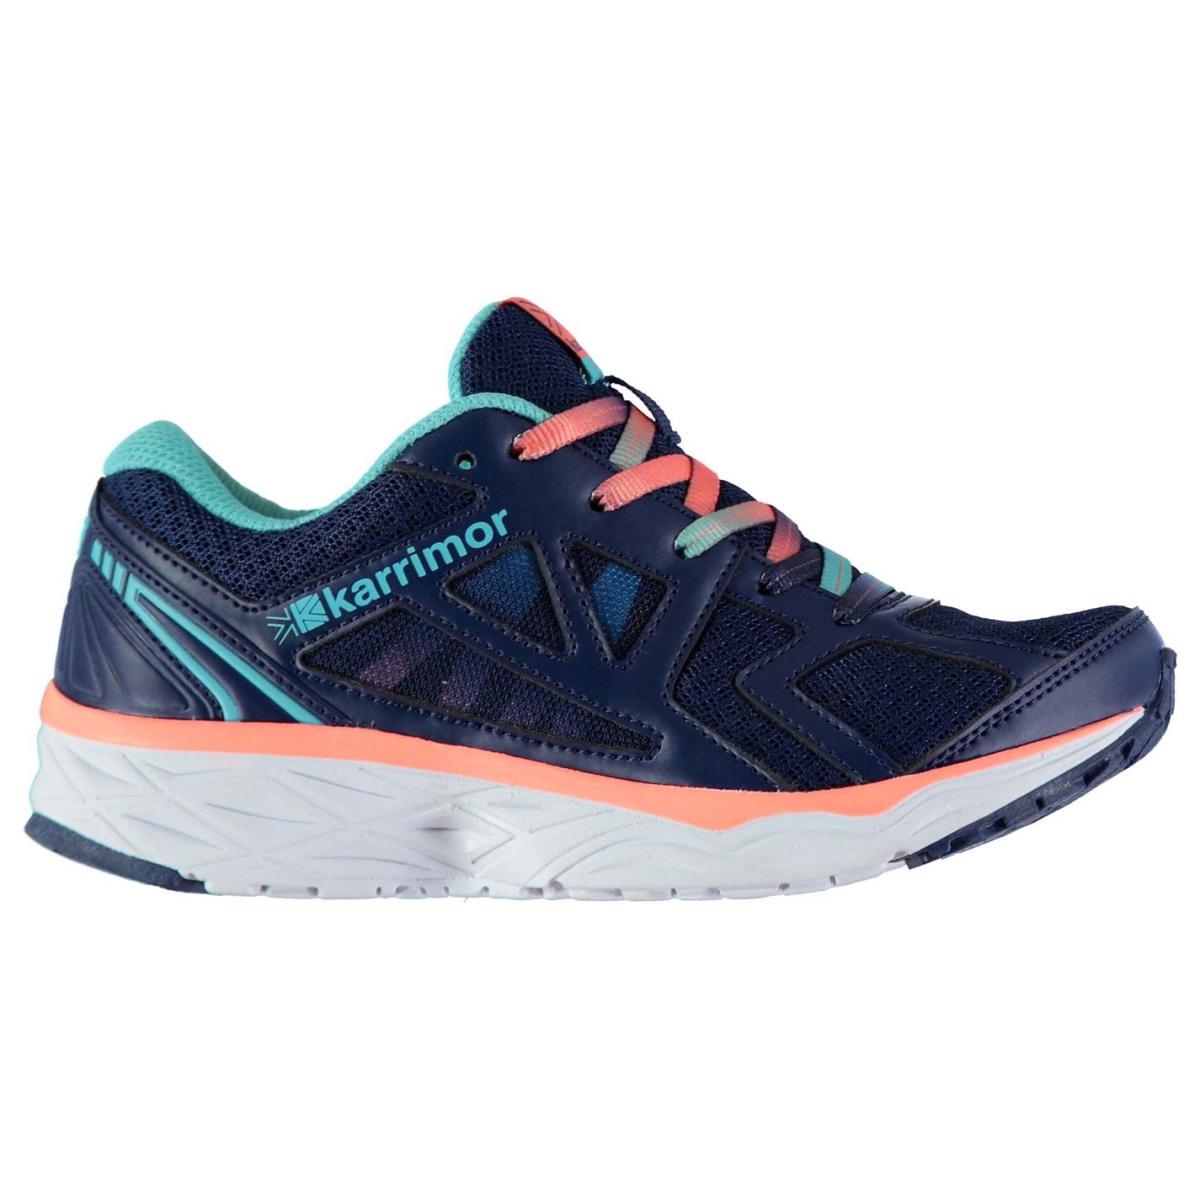 Karrimor Pace Run Laufschuhe Turnschuhe Jungen Blau